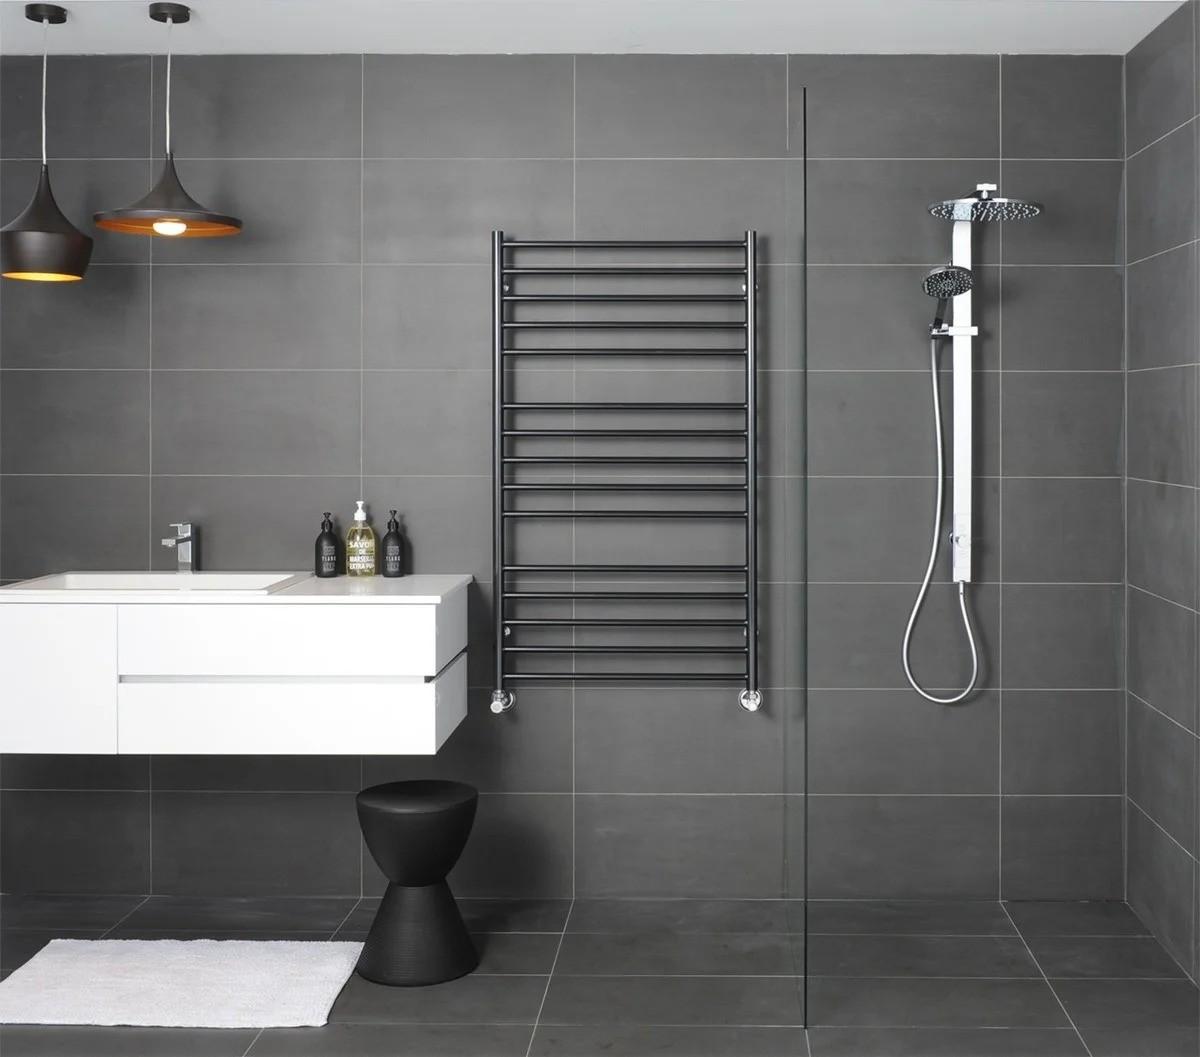 электрический полотенцесушитель в ванную фото интерьер